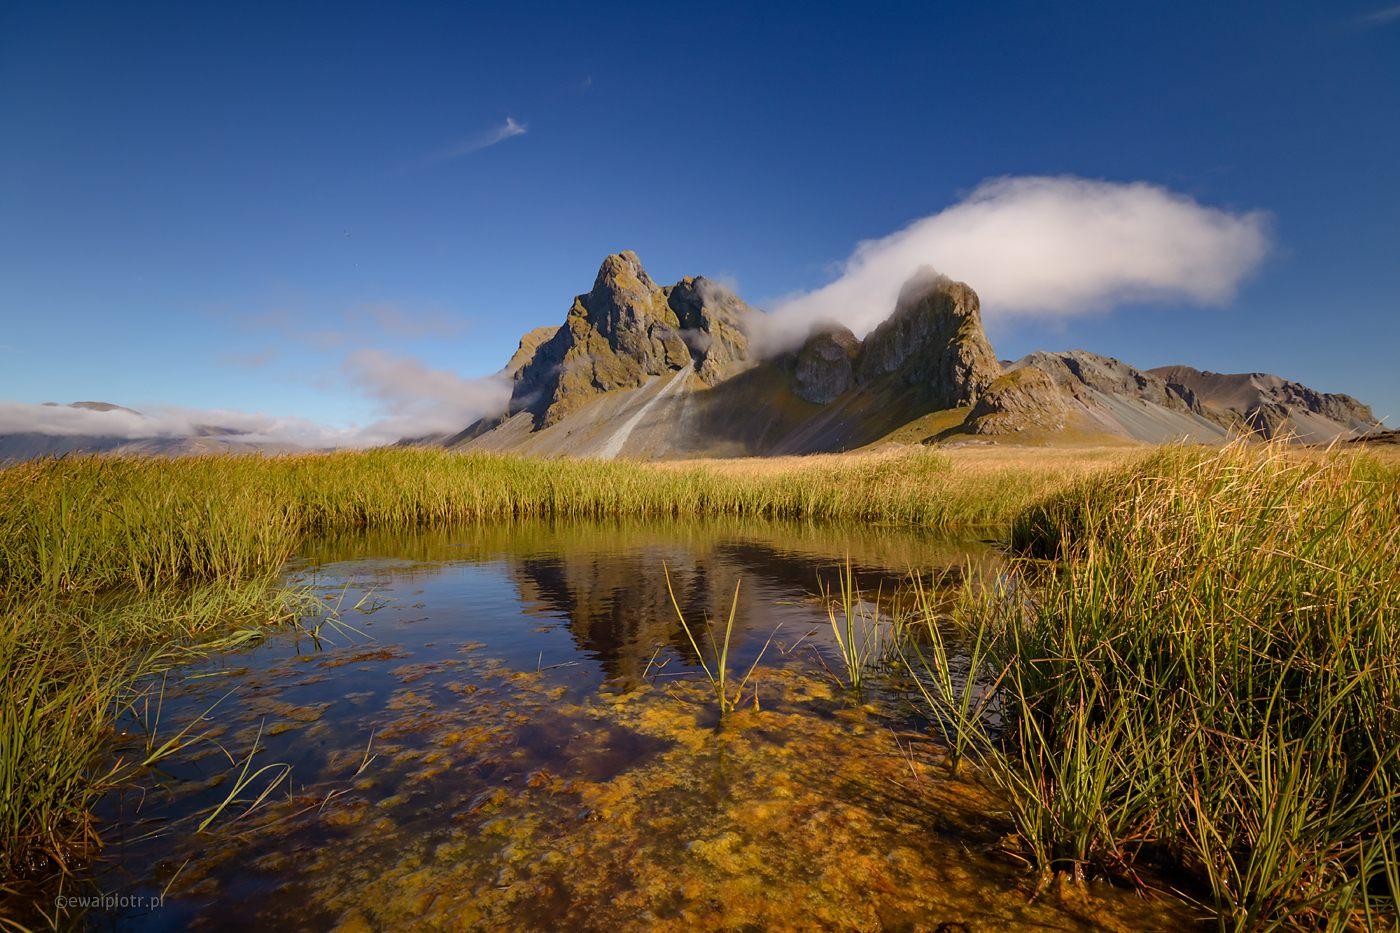 Jezioro przy górze Eystrahorn, Islandia